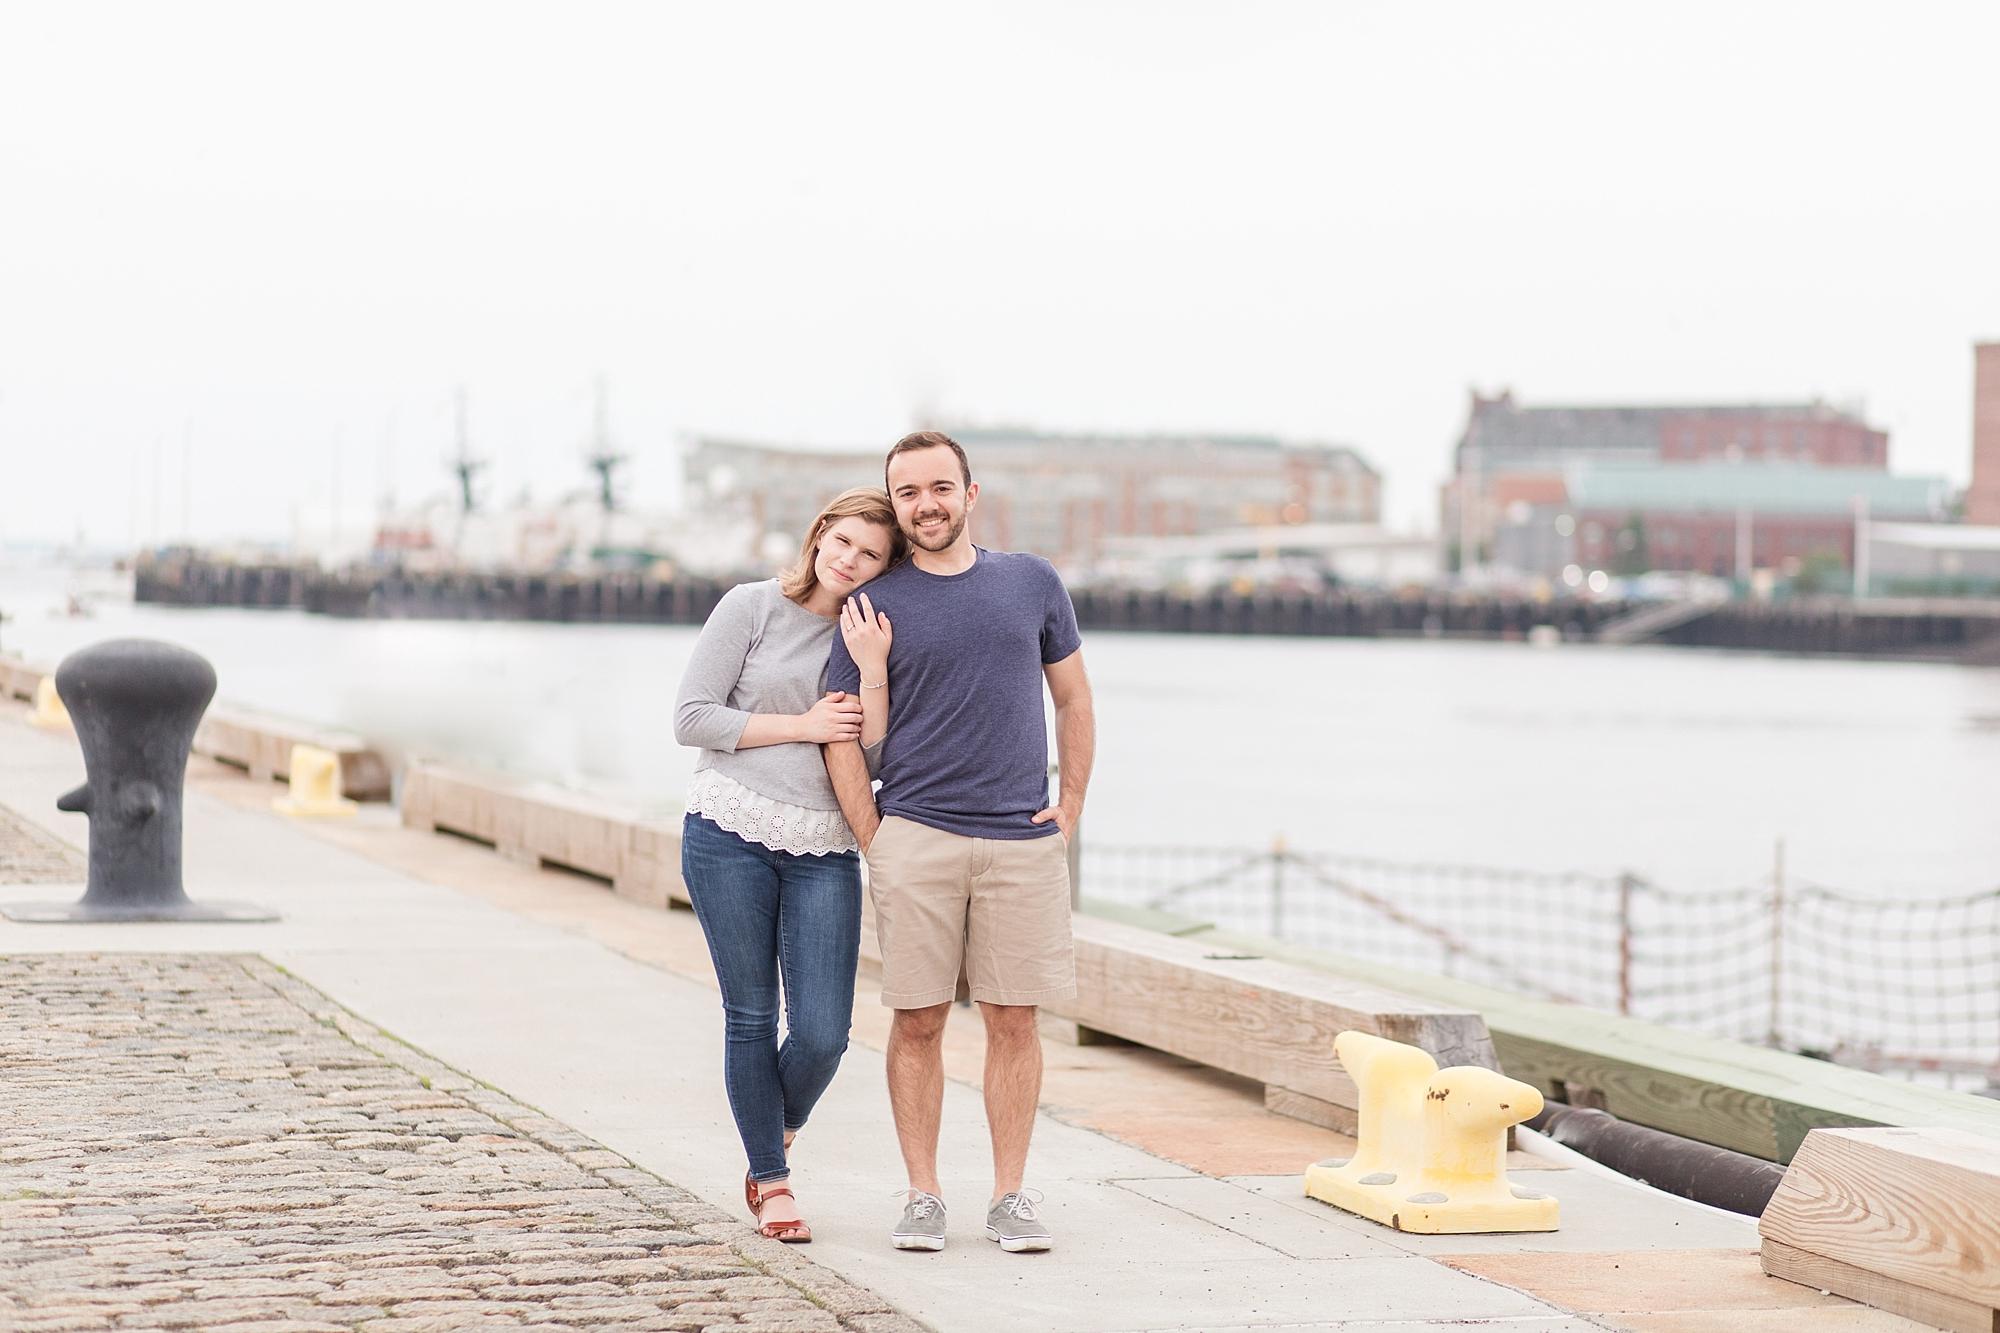 eisley-images-charlestown-boston_0021.jpg